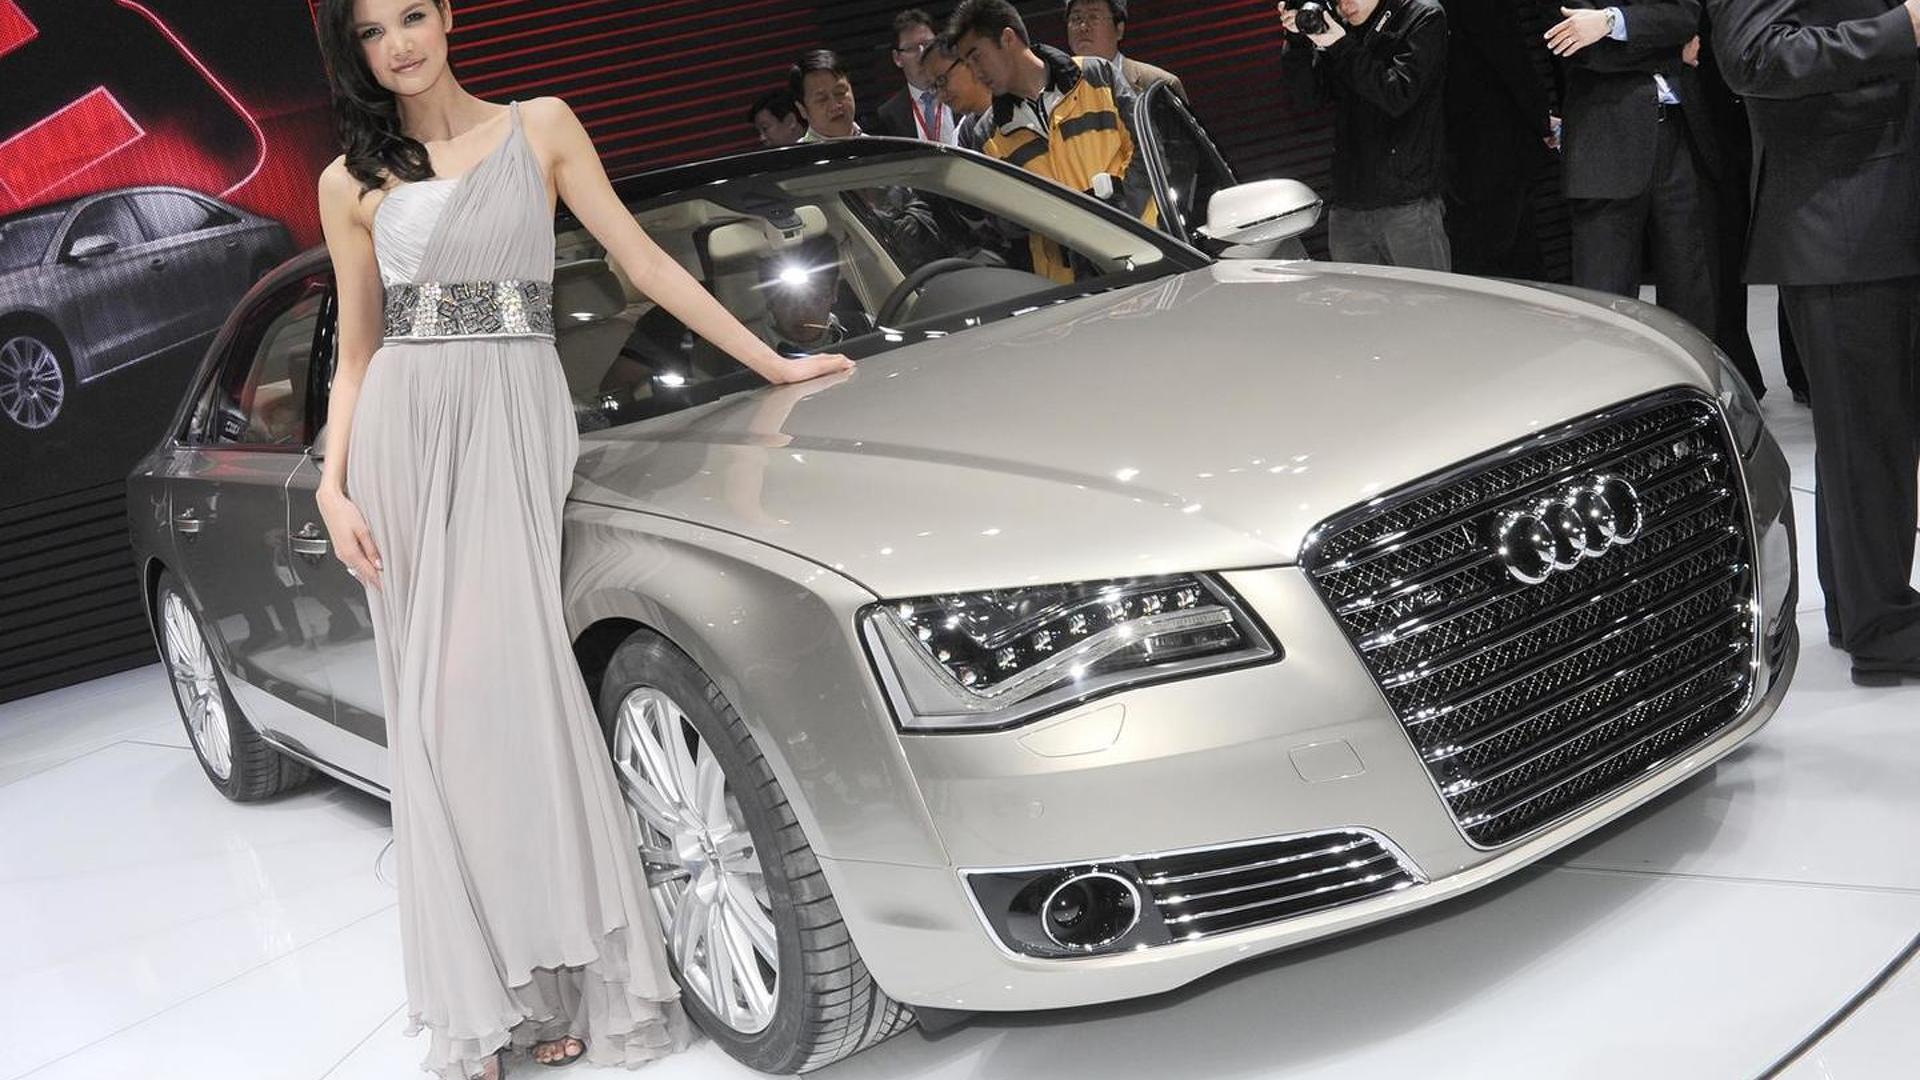 Kelebihan Kekurangan Audi A8 V12 Top Model Tahun Ini